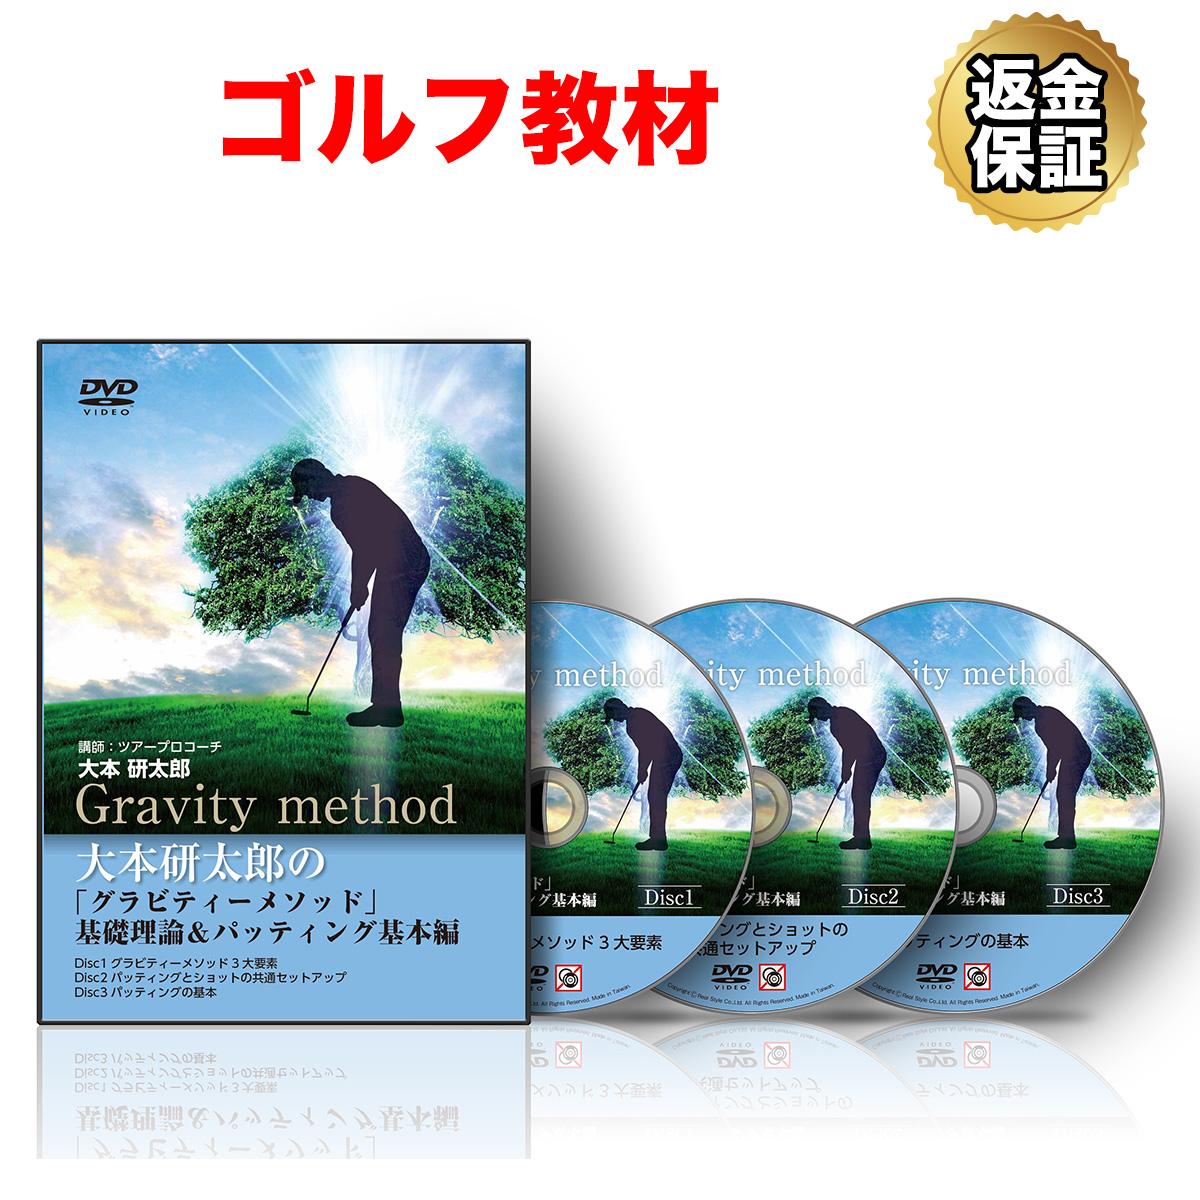 <title>安い 激安 プチプラ 高品質 ゴルフ 教材 DVD 大本研太郎の グラビティーメソッド 基礎理論 パッティング基本編</title>